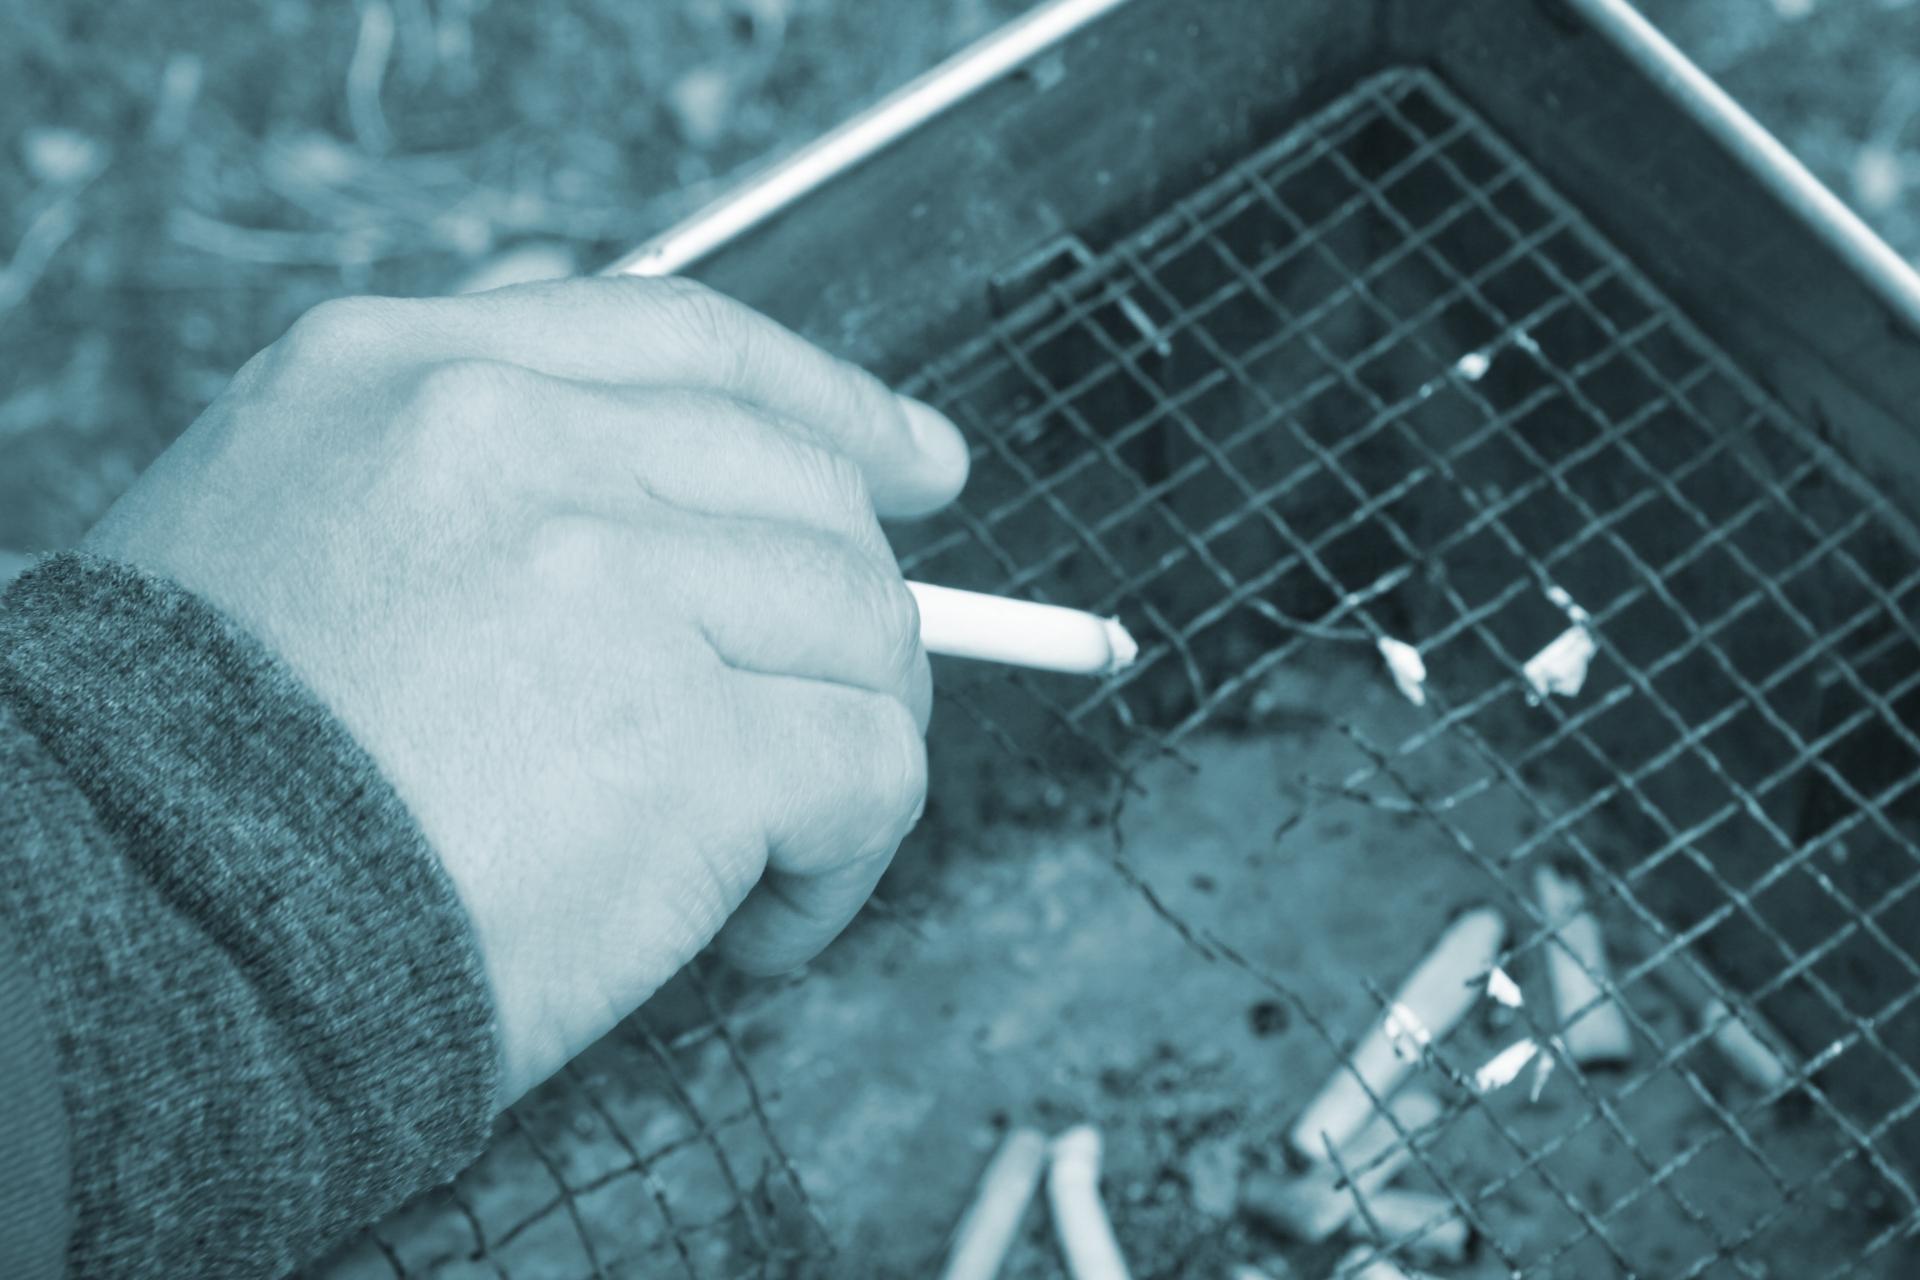 仙台駅の喫煙所サーチ!構内や新幹線ホームでたばこは吸える?